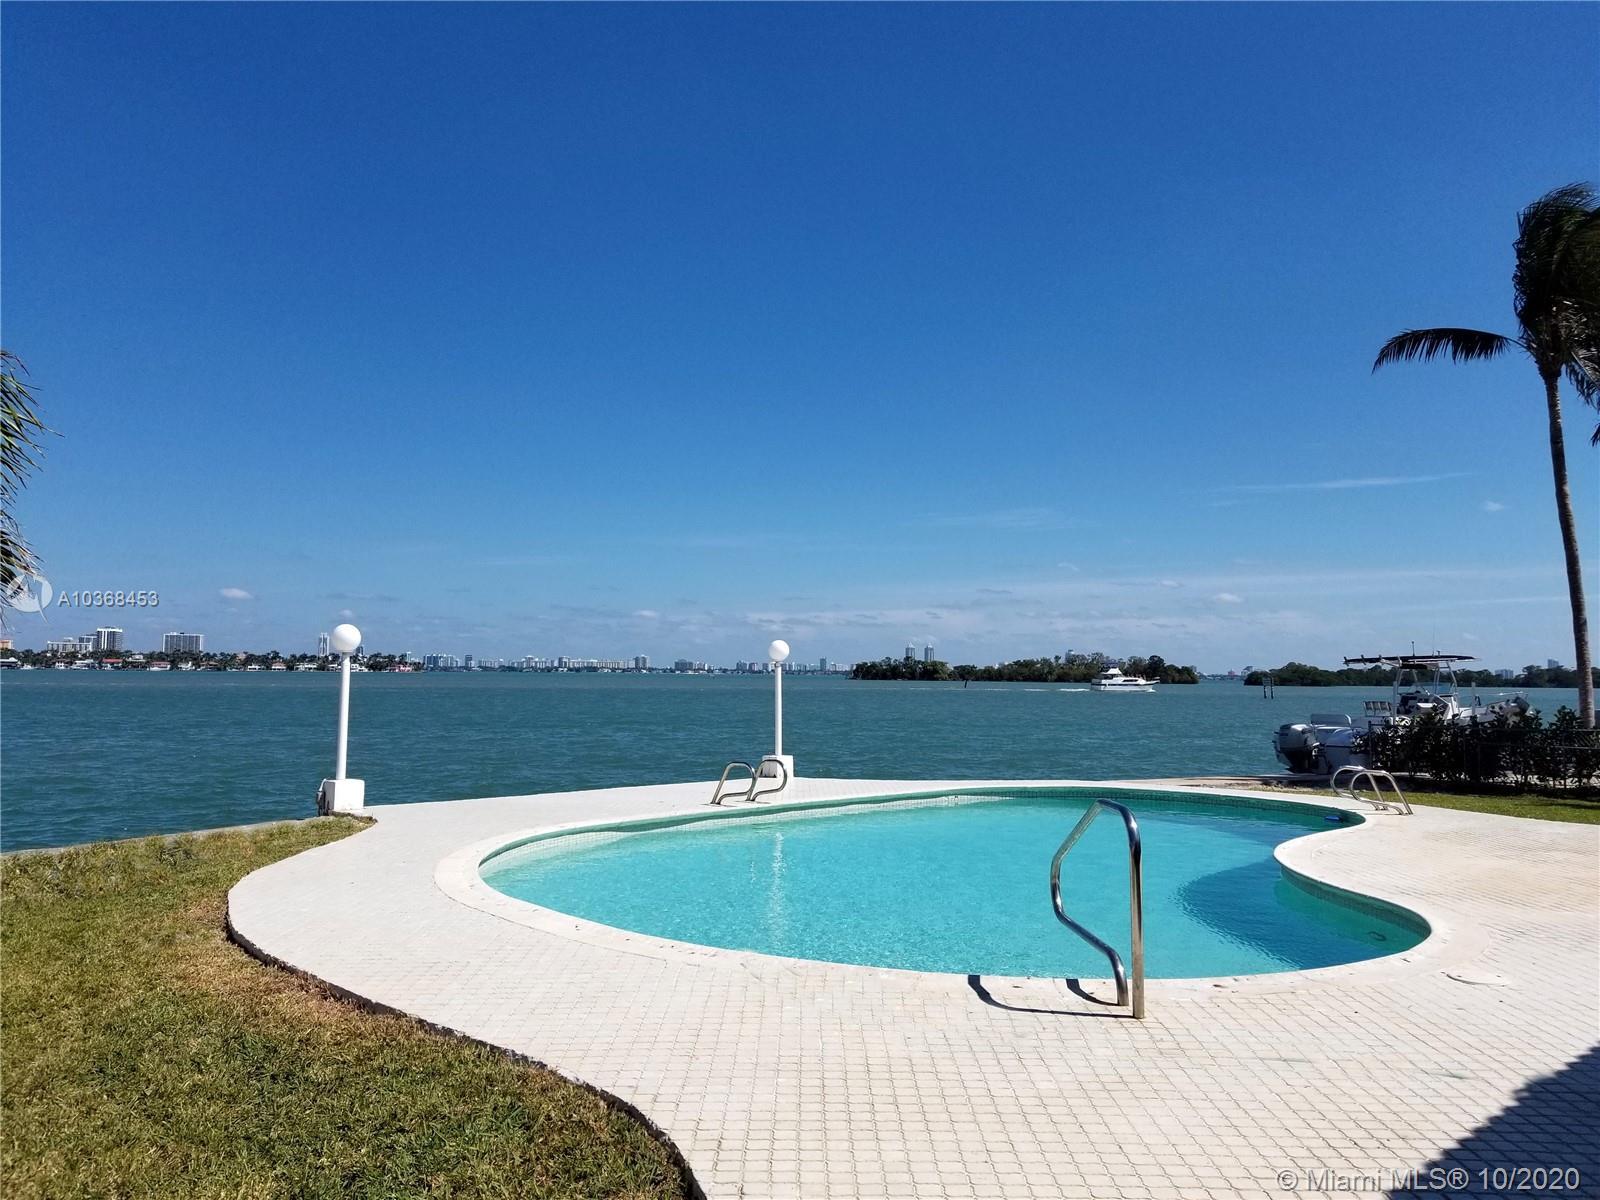 1155 Belle Meade Island Dr, Miami, FL 33138